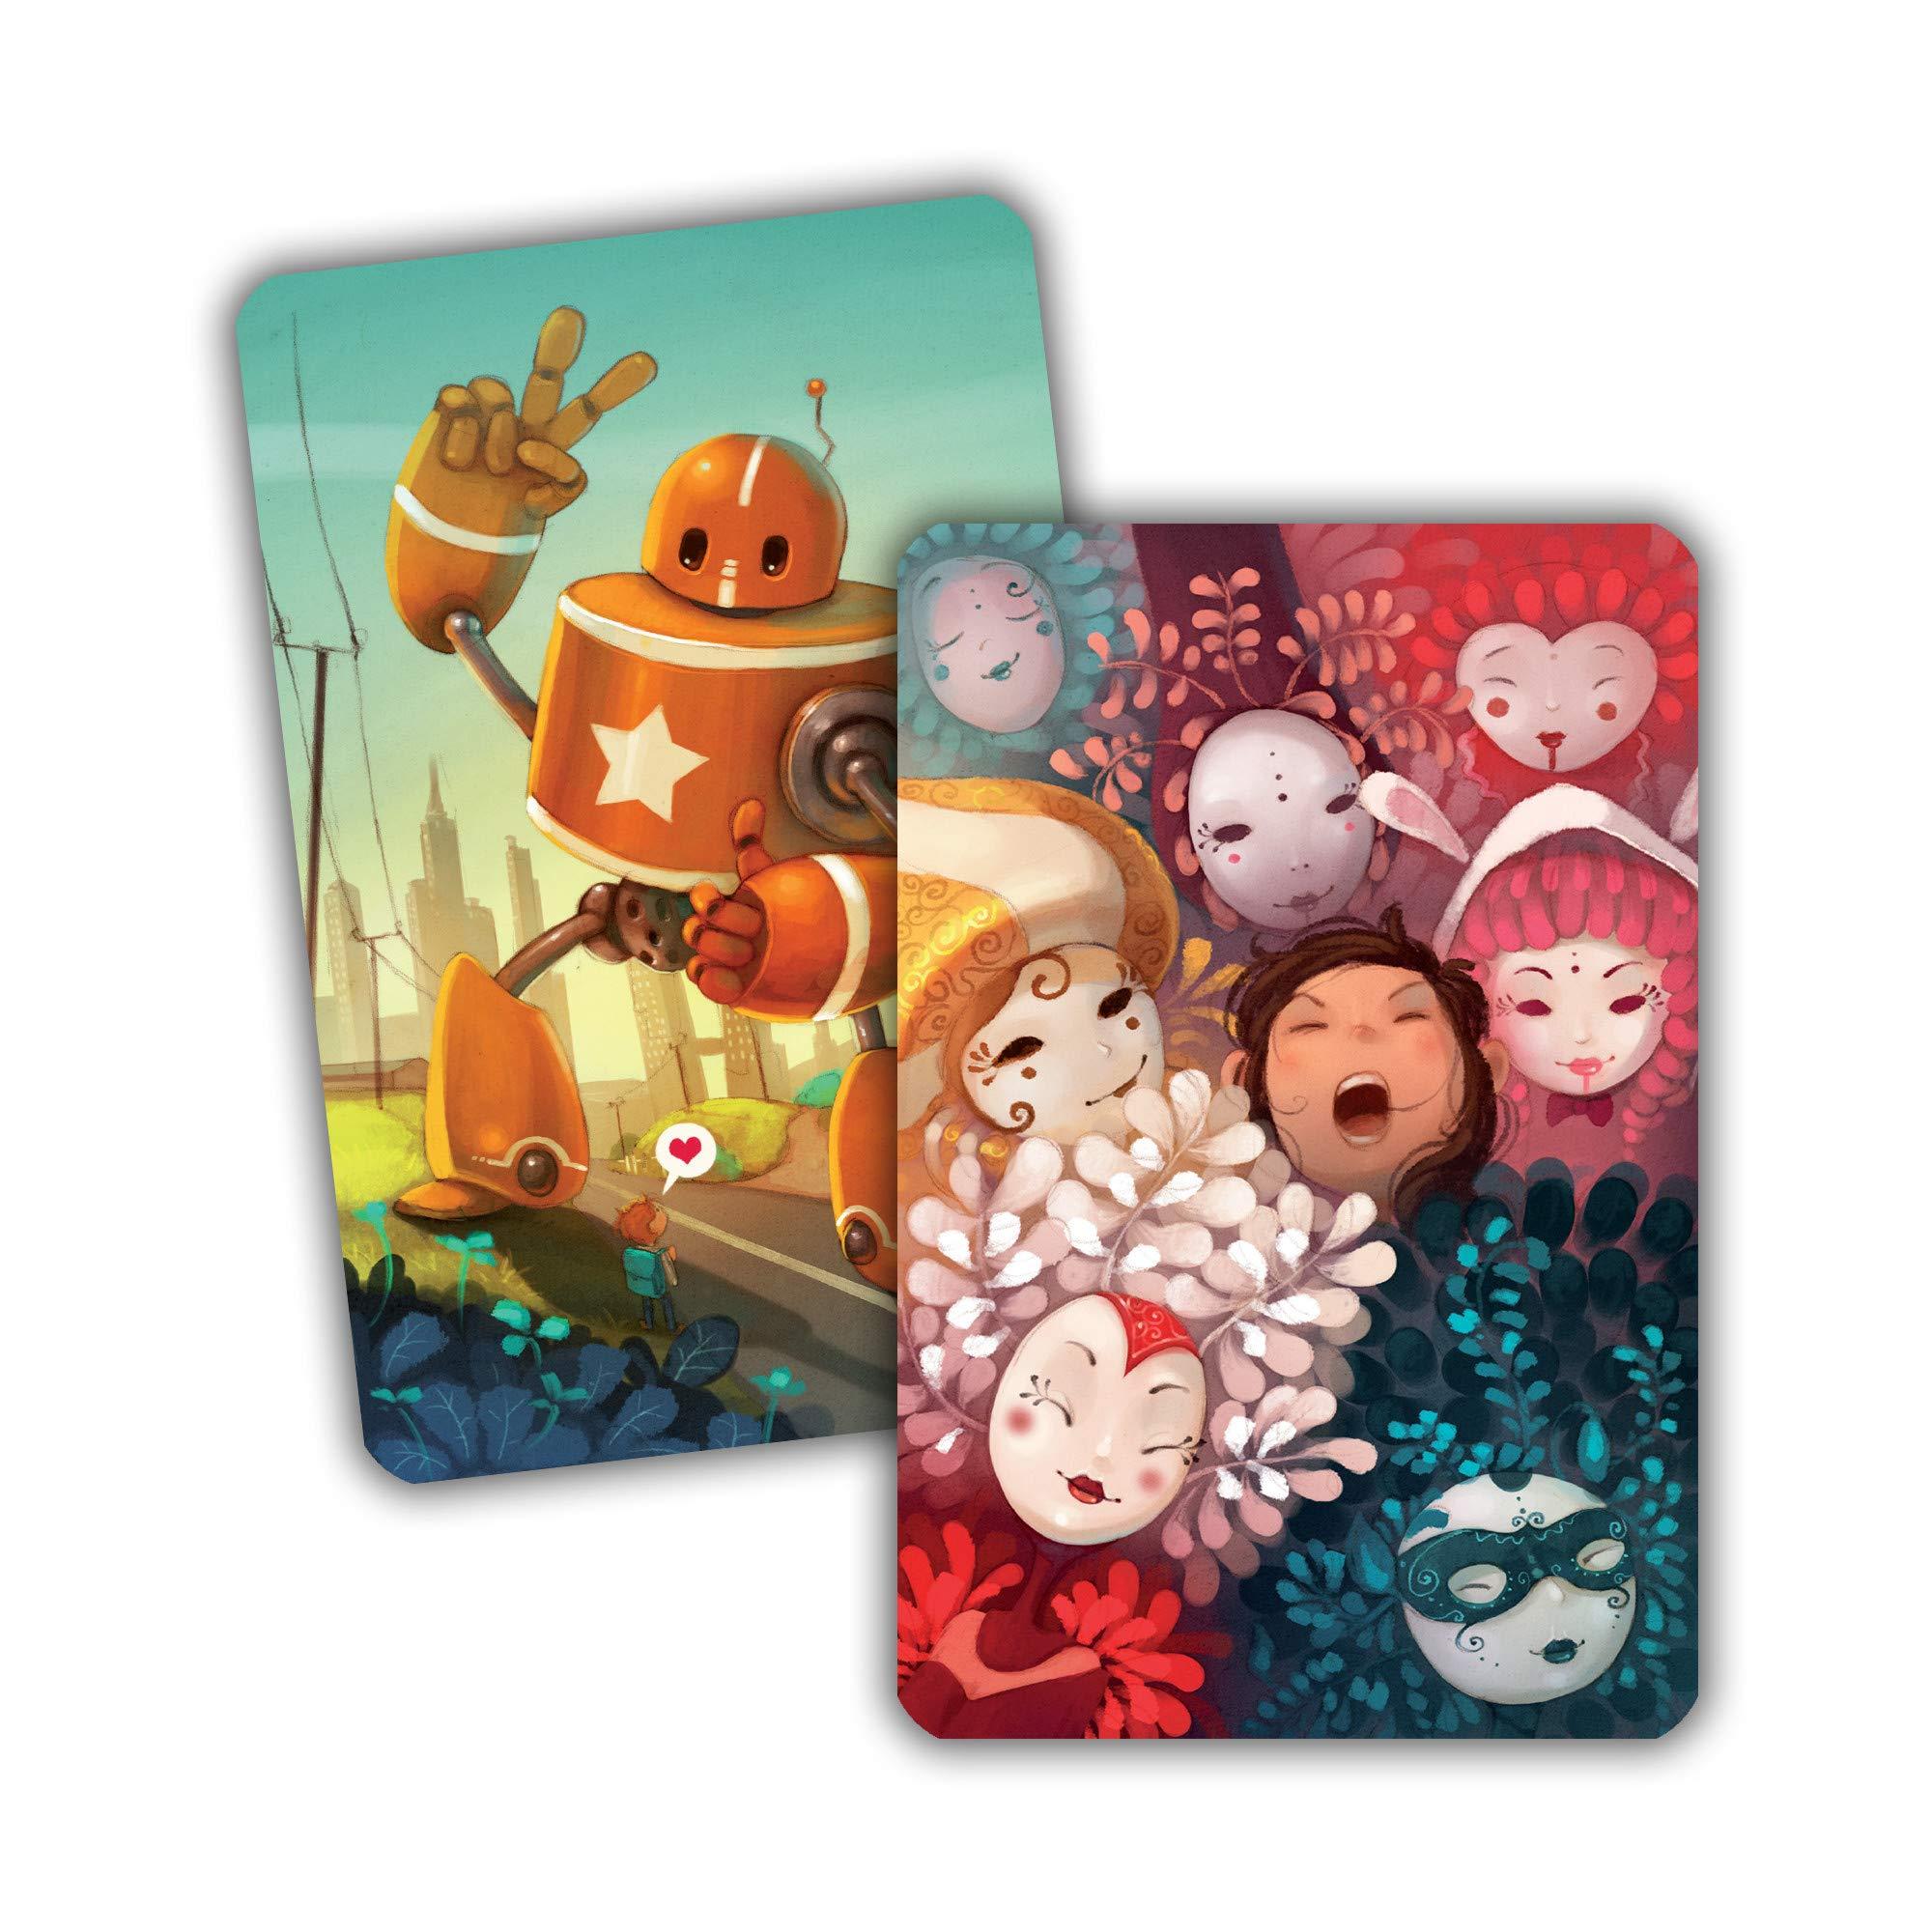 Libellud ASMDIX08US Dixit Expansion 6: Memories, Colores Mezclados: Amazon.es: Juguetes y juegos